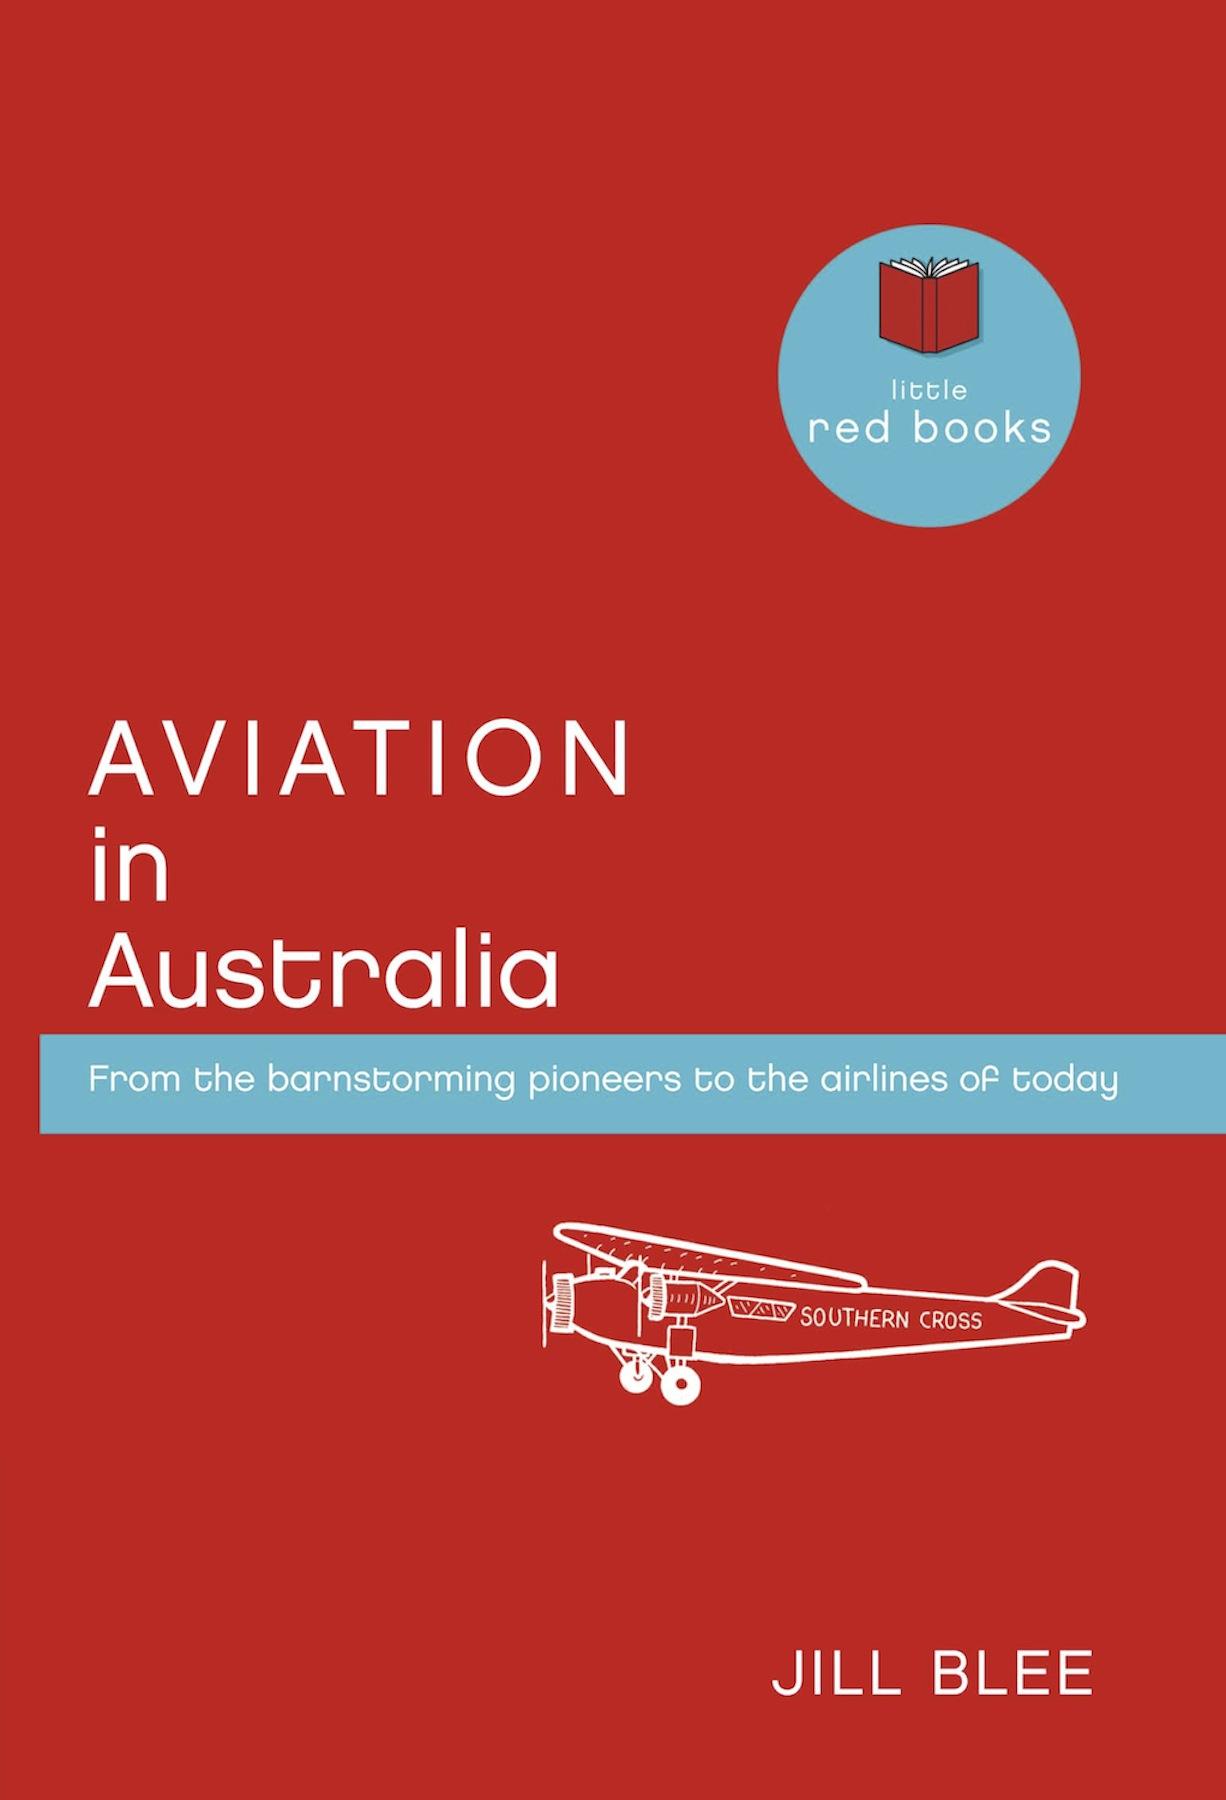 Download Ebook Aviation in Australia by Jill Blee Pdf